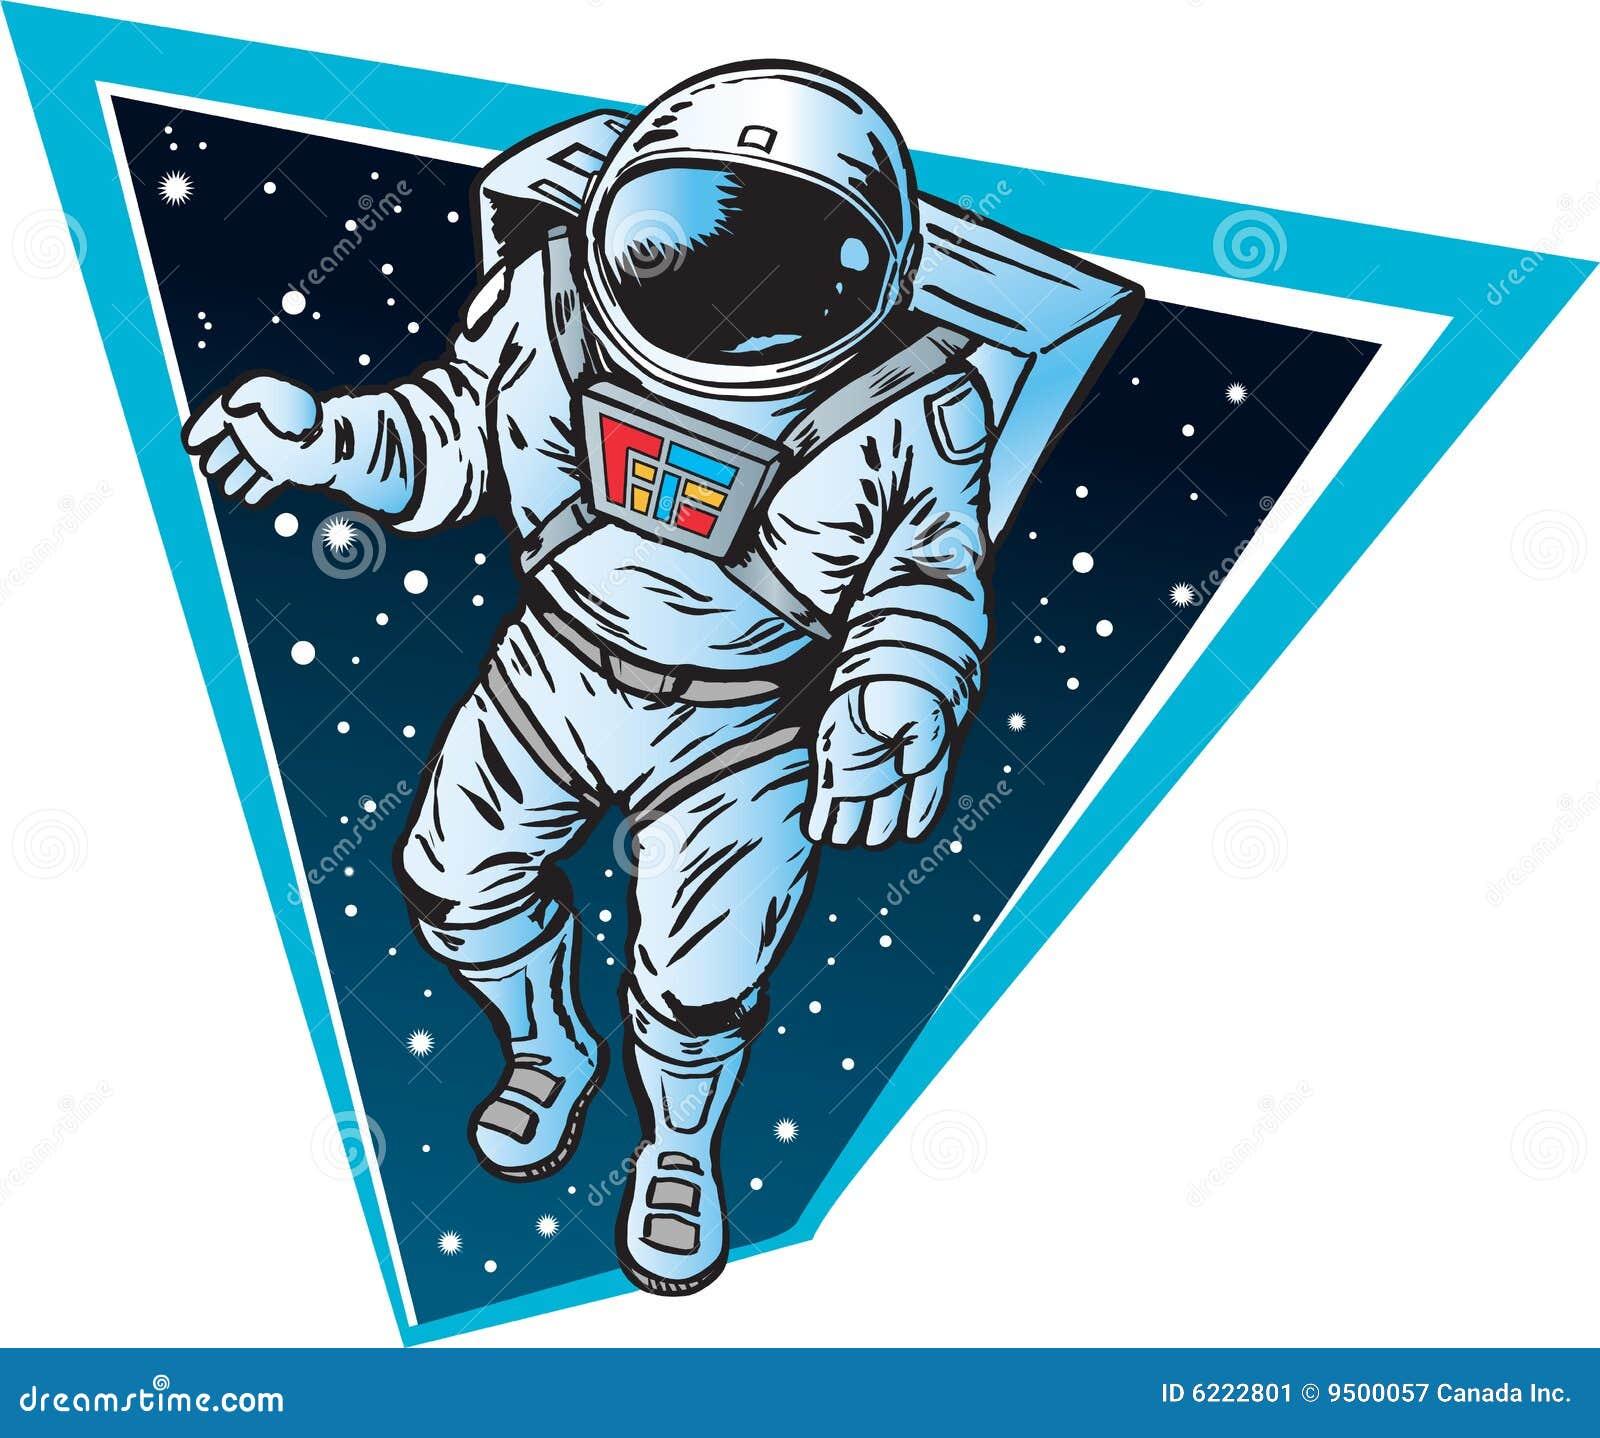 Space ISRO NASA related current affairs 201213  Mrunal